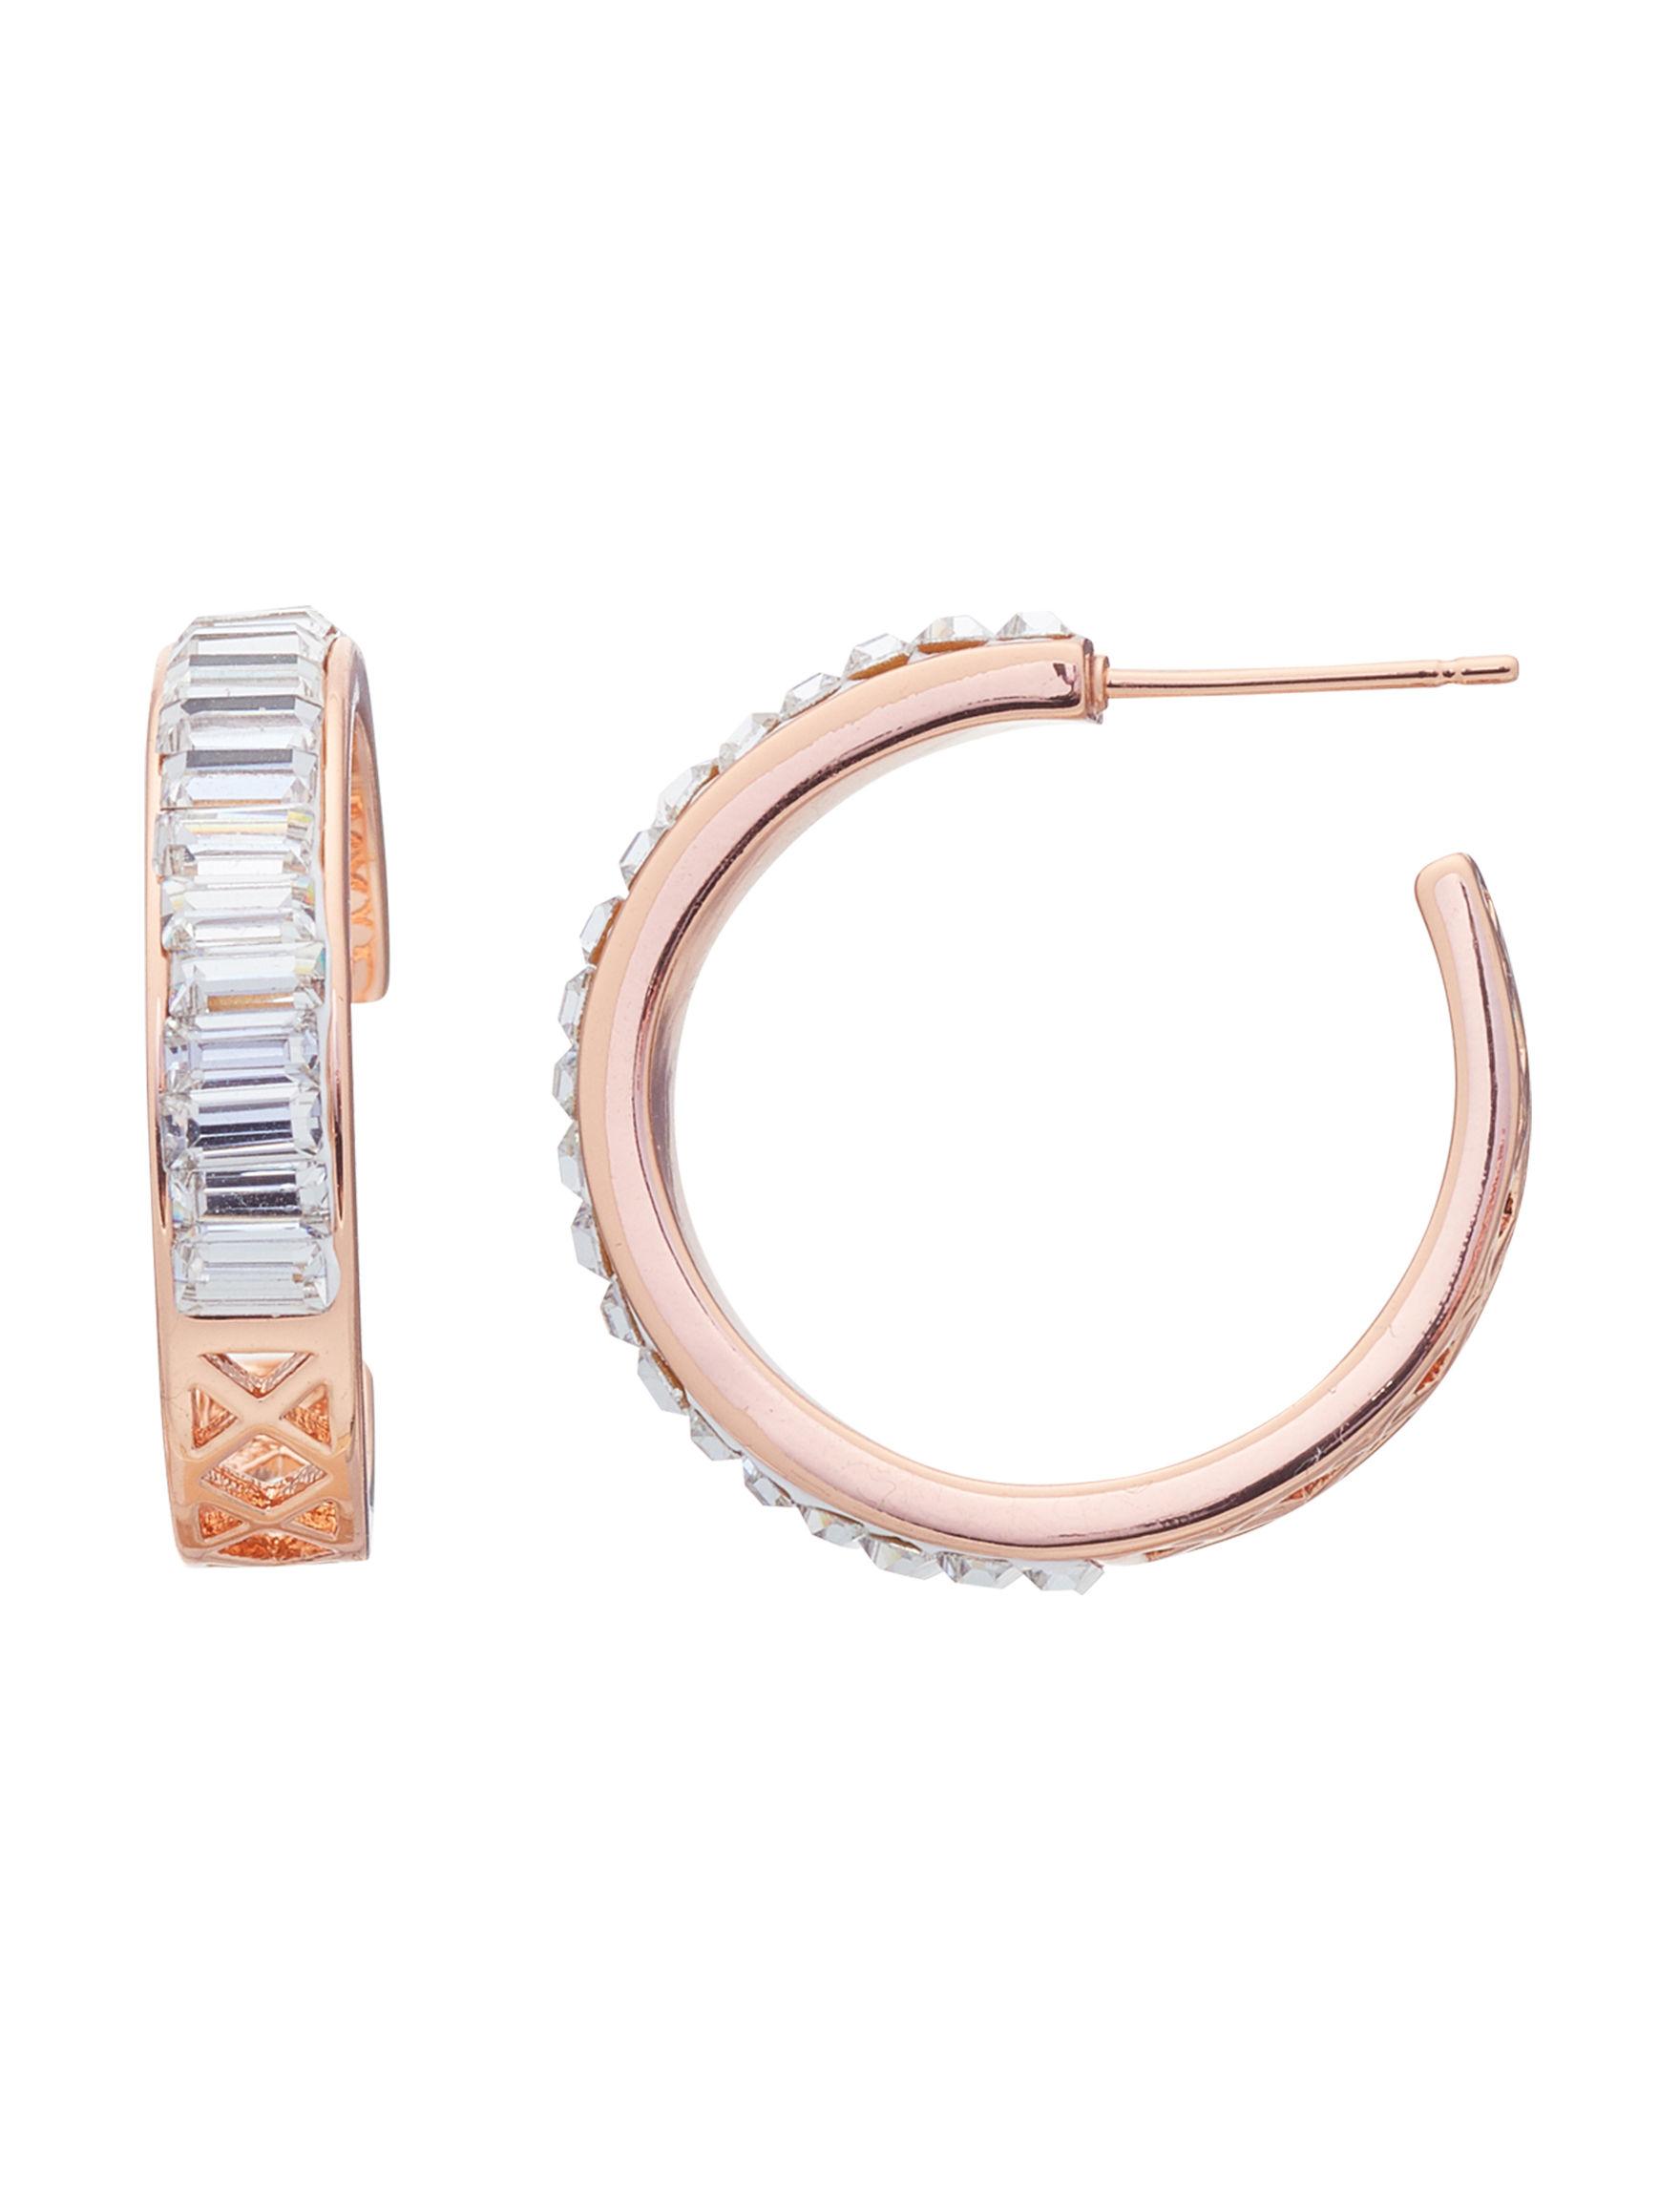 Marsala Rose Gold / Crystal Hoops Earrings Fine Jewelry